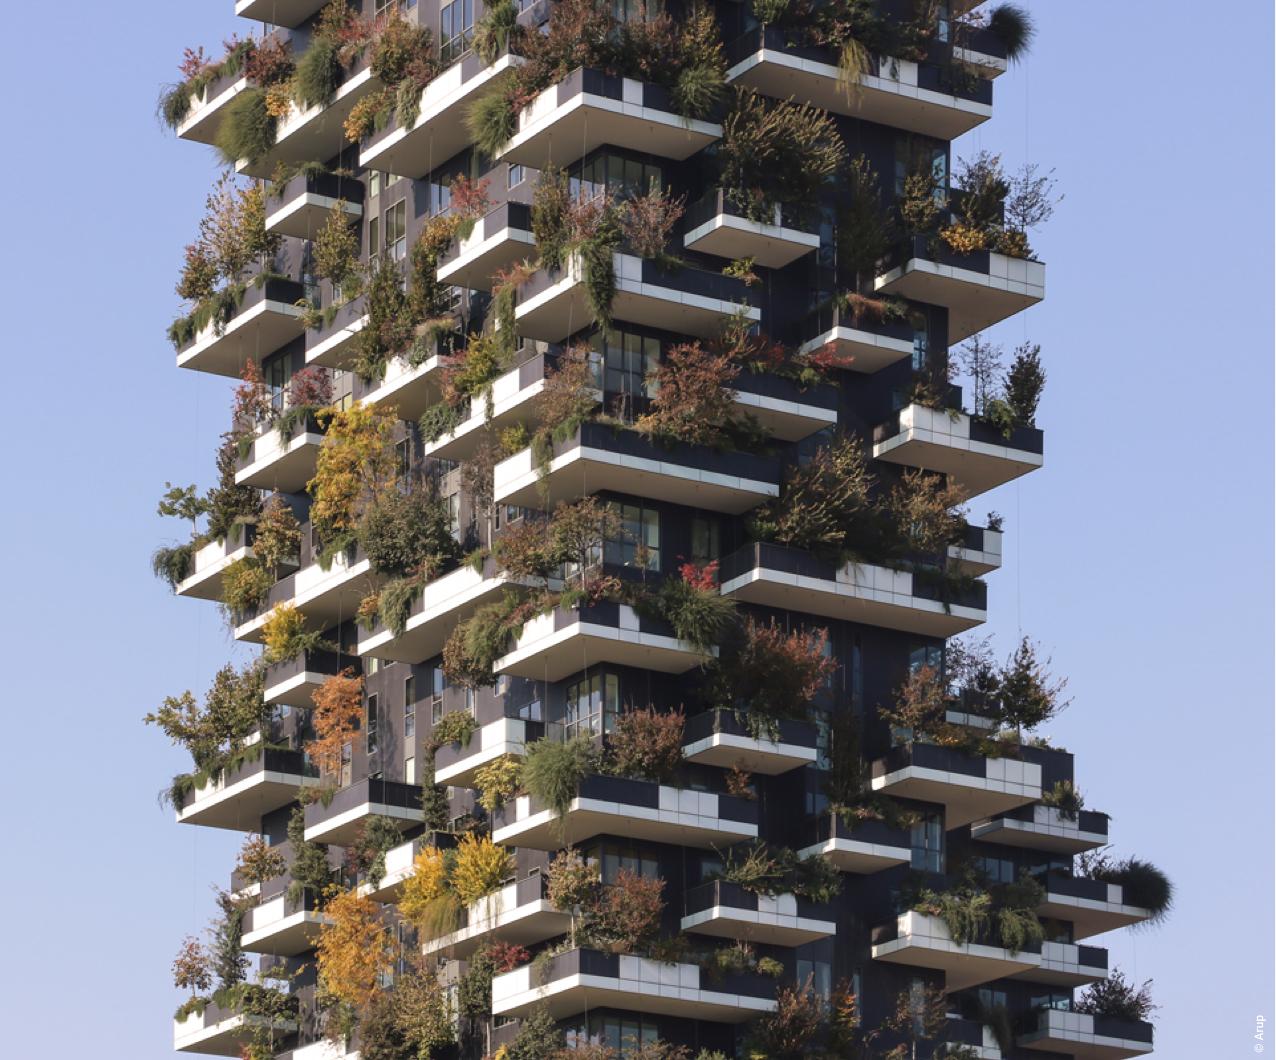 Bosco verticale autunno